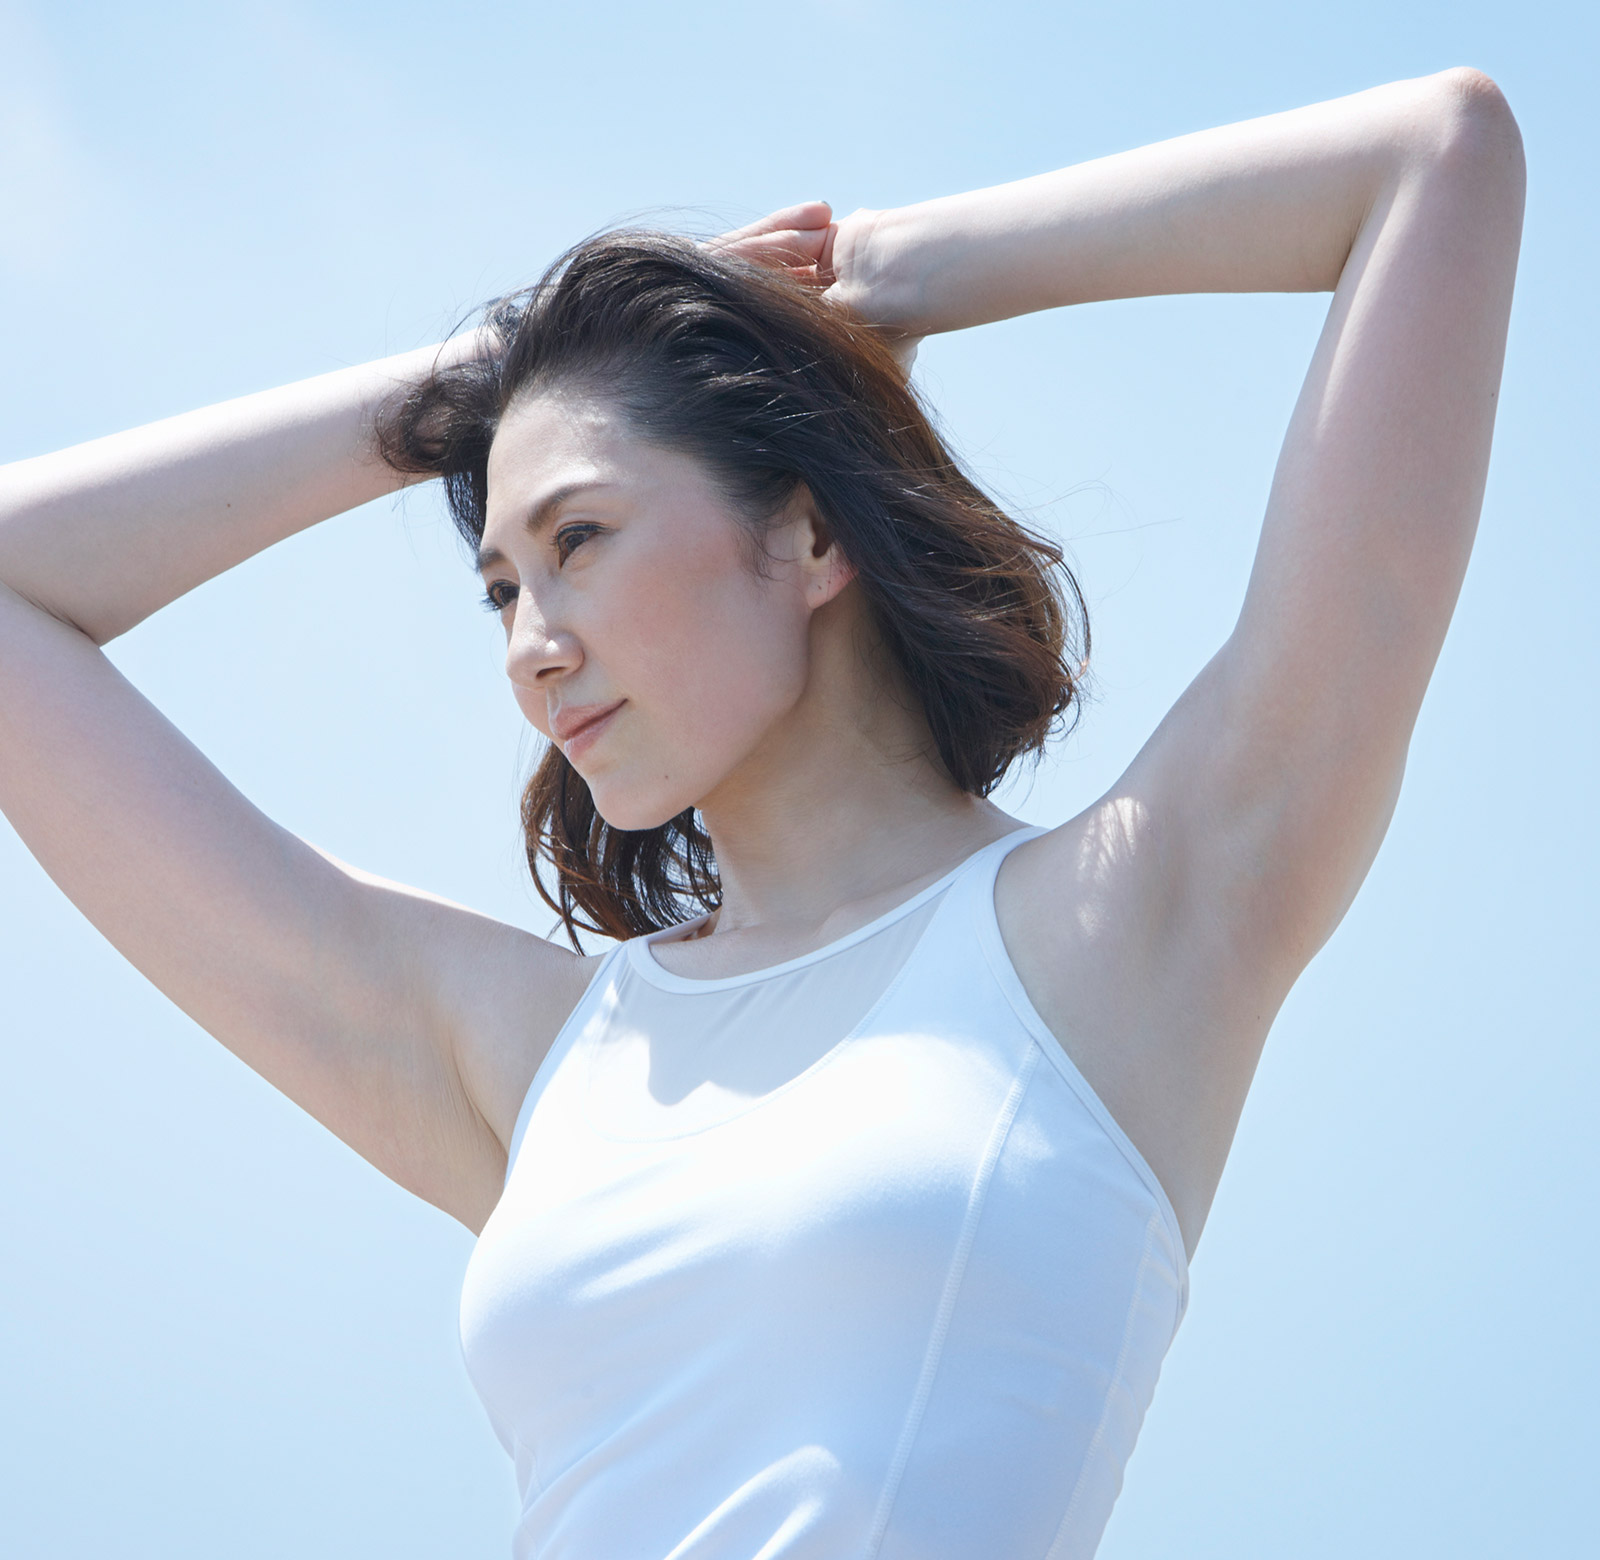 佐々木ルミさんインタビュー写真